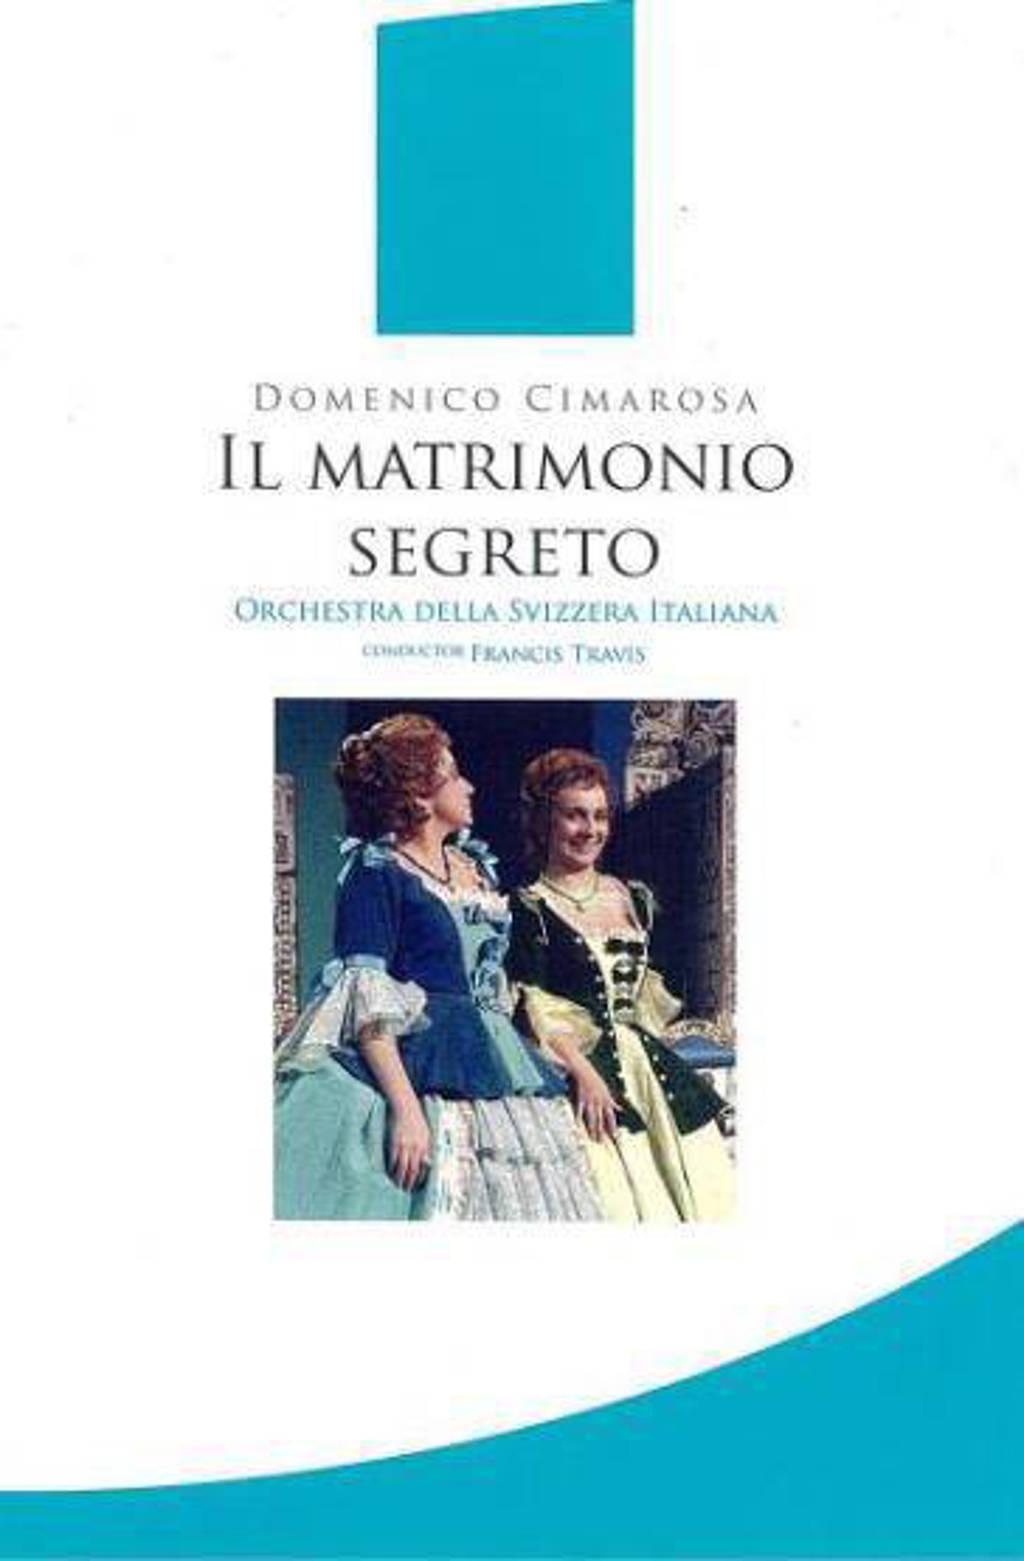 Gonzales/Coviello/Orchesta Della Sv - Il Matrimonio Segreto (DVD)